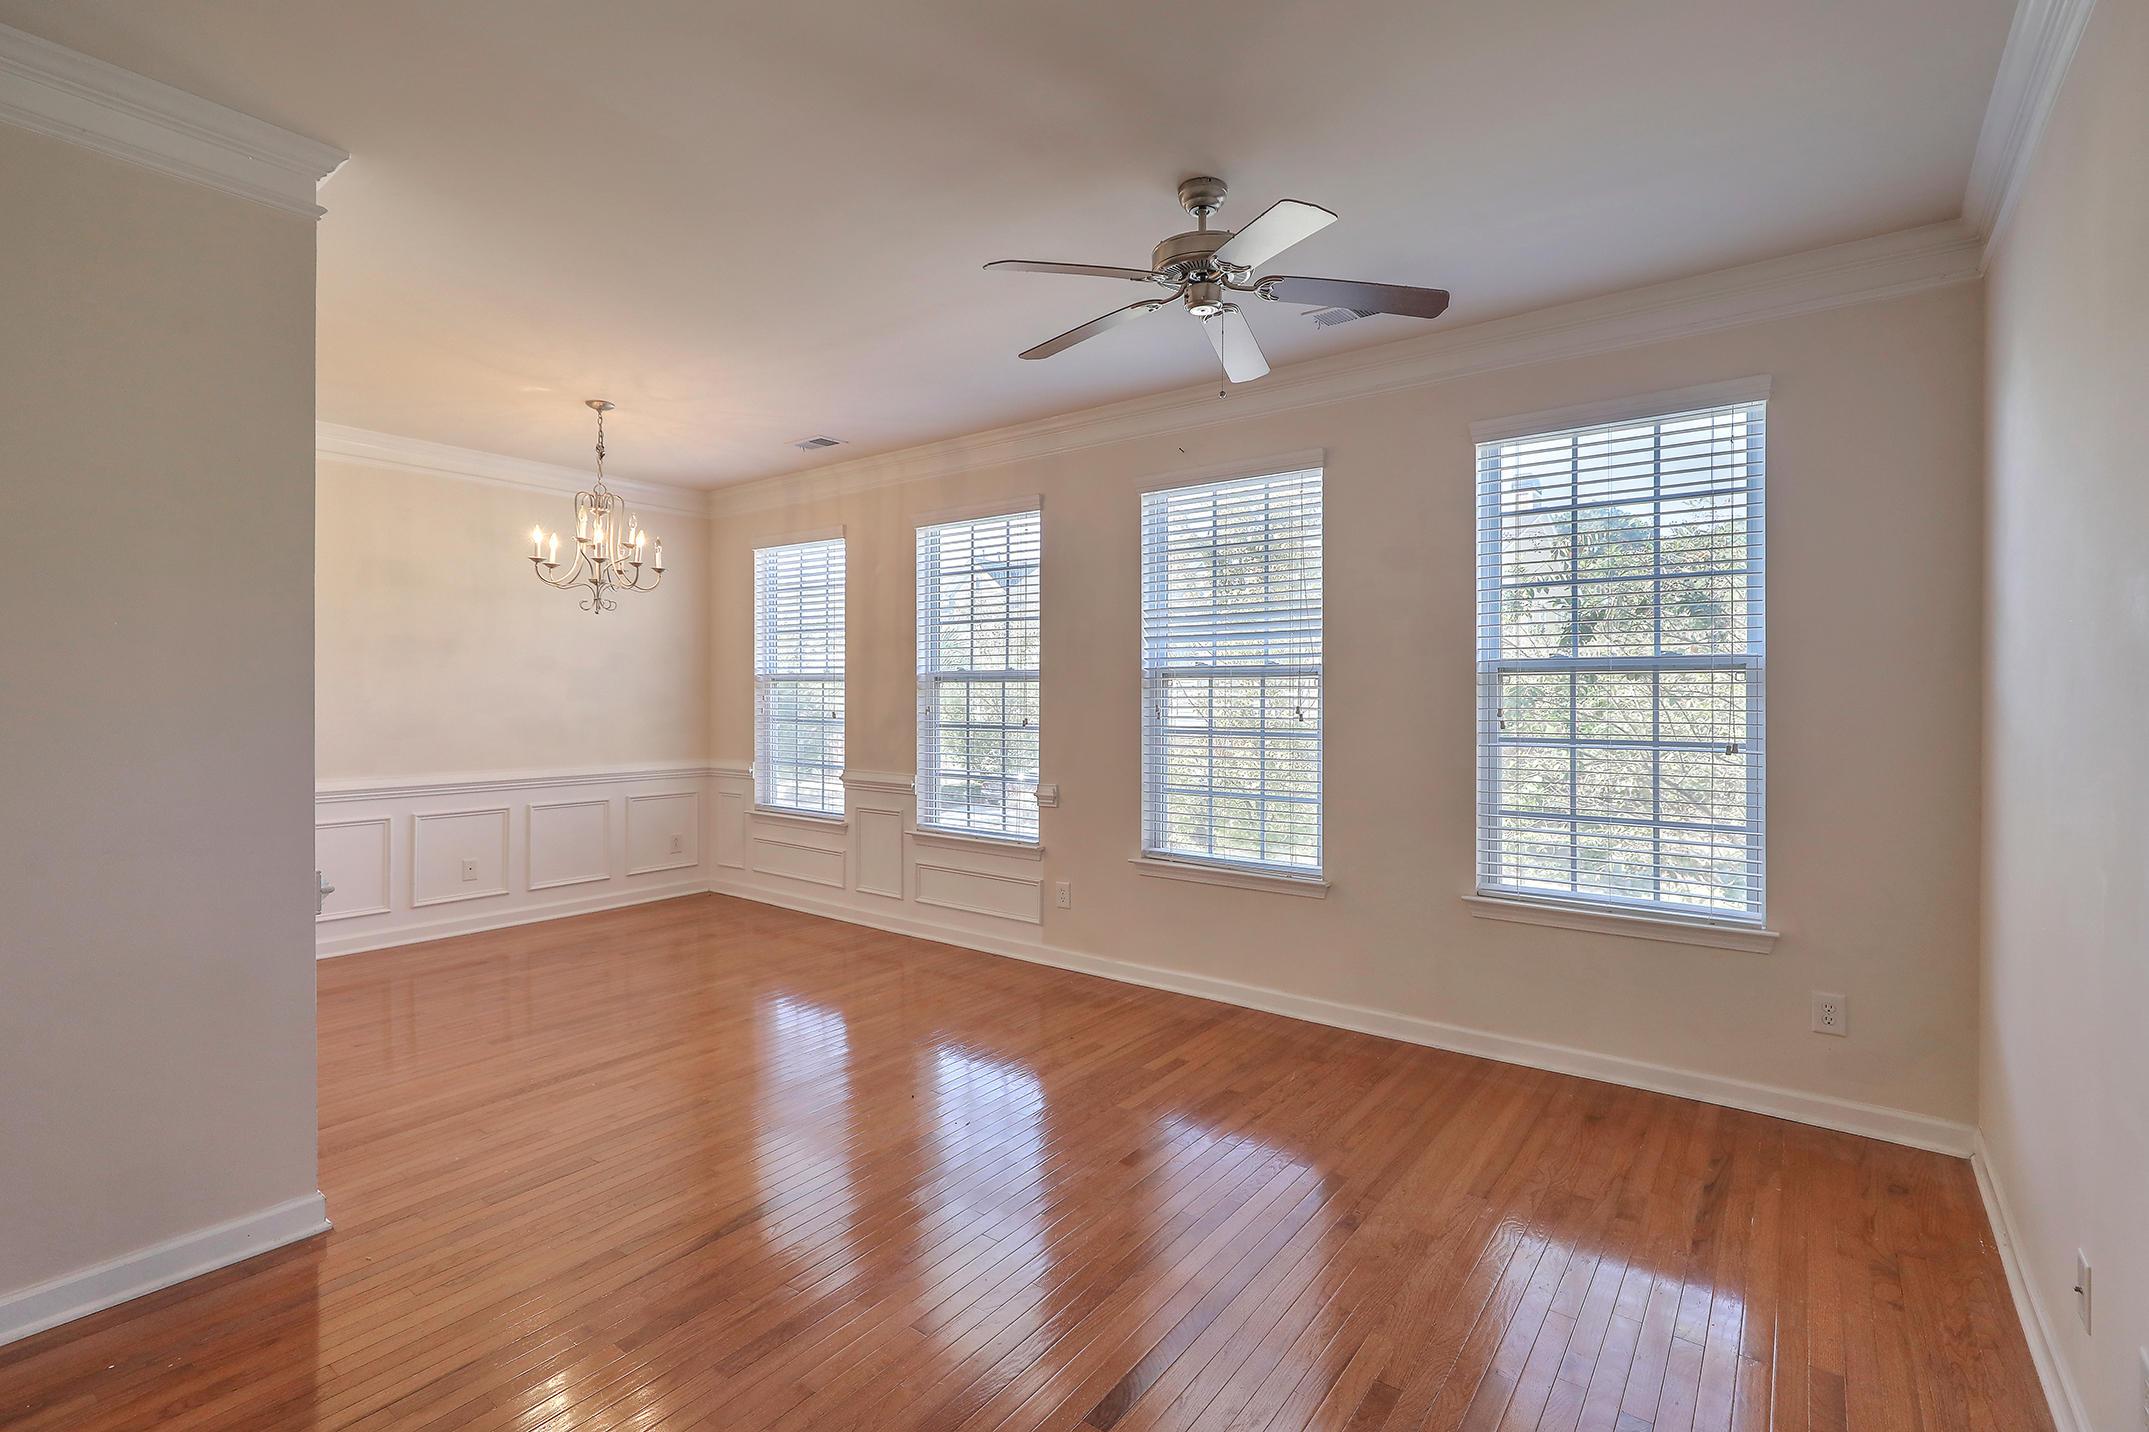 Park West Homes For Sale - 3471 Claremont, Mount Pleasant, SC - 20